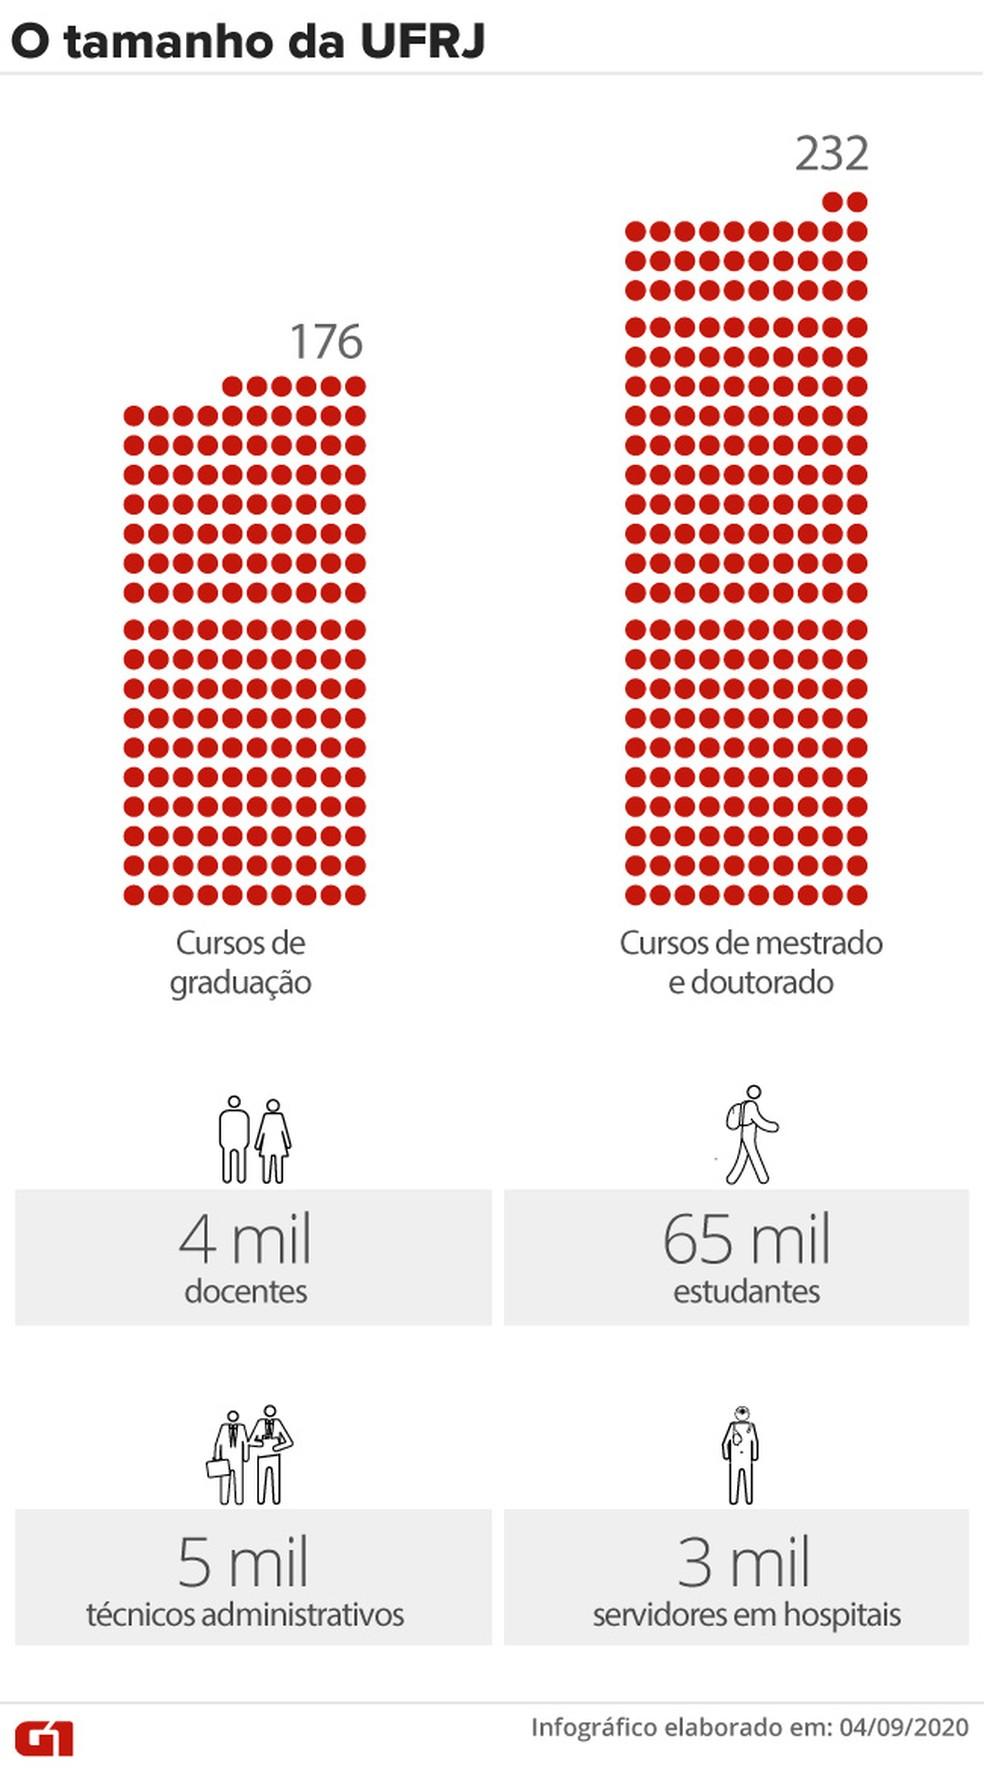 O tamanho da UFRJ — Foto: Aparecido Gonçalves/ Infografia G1